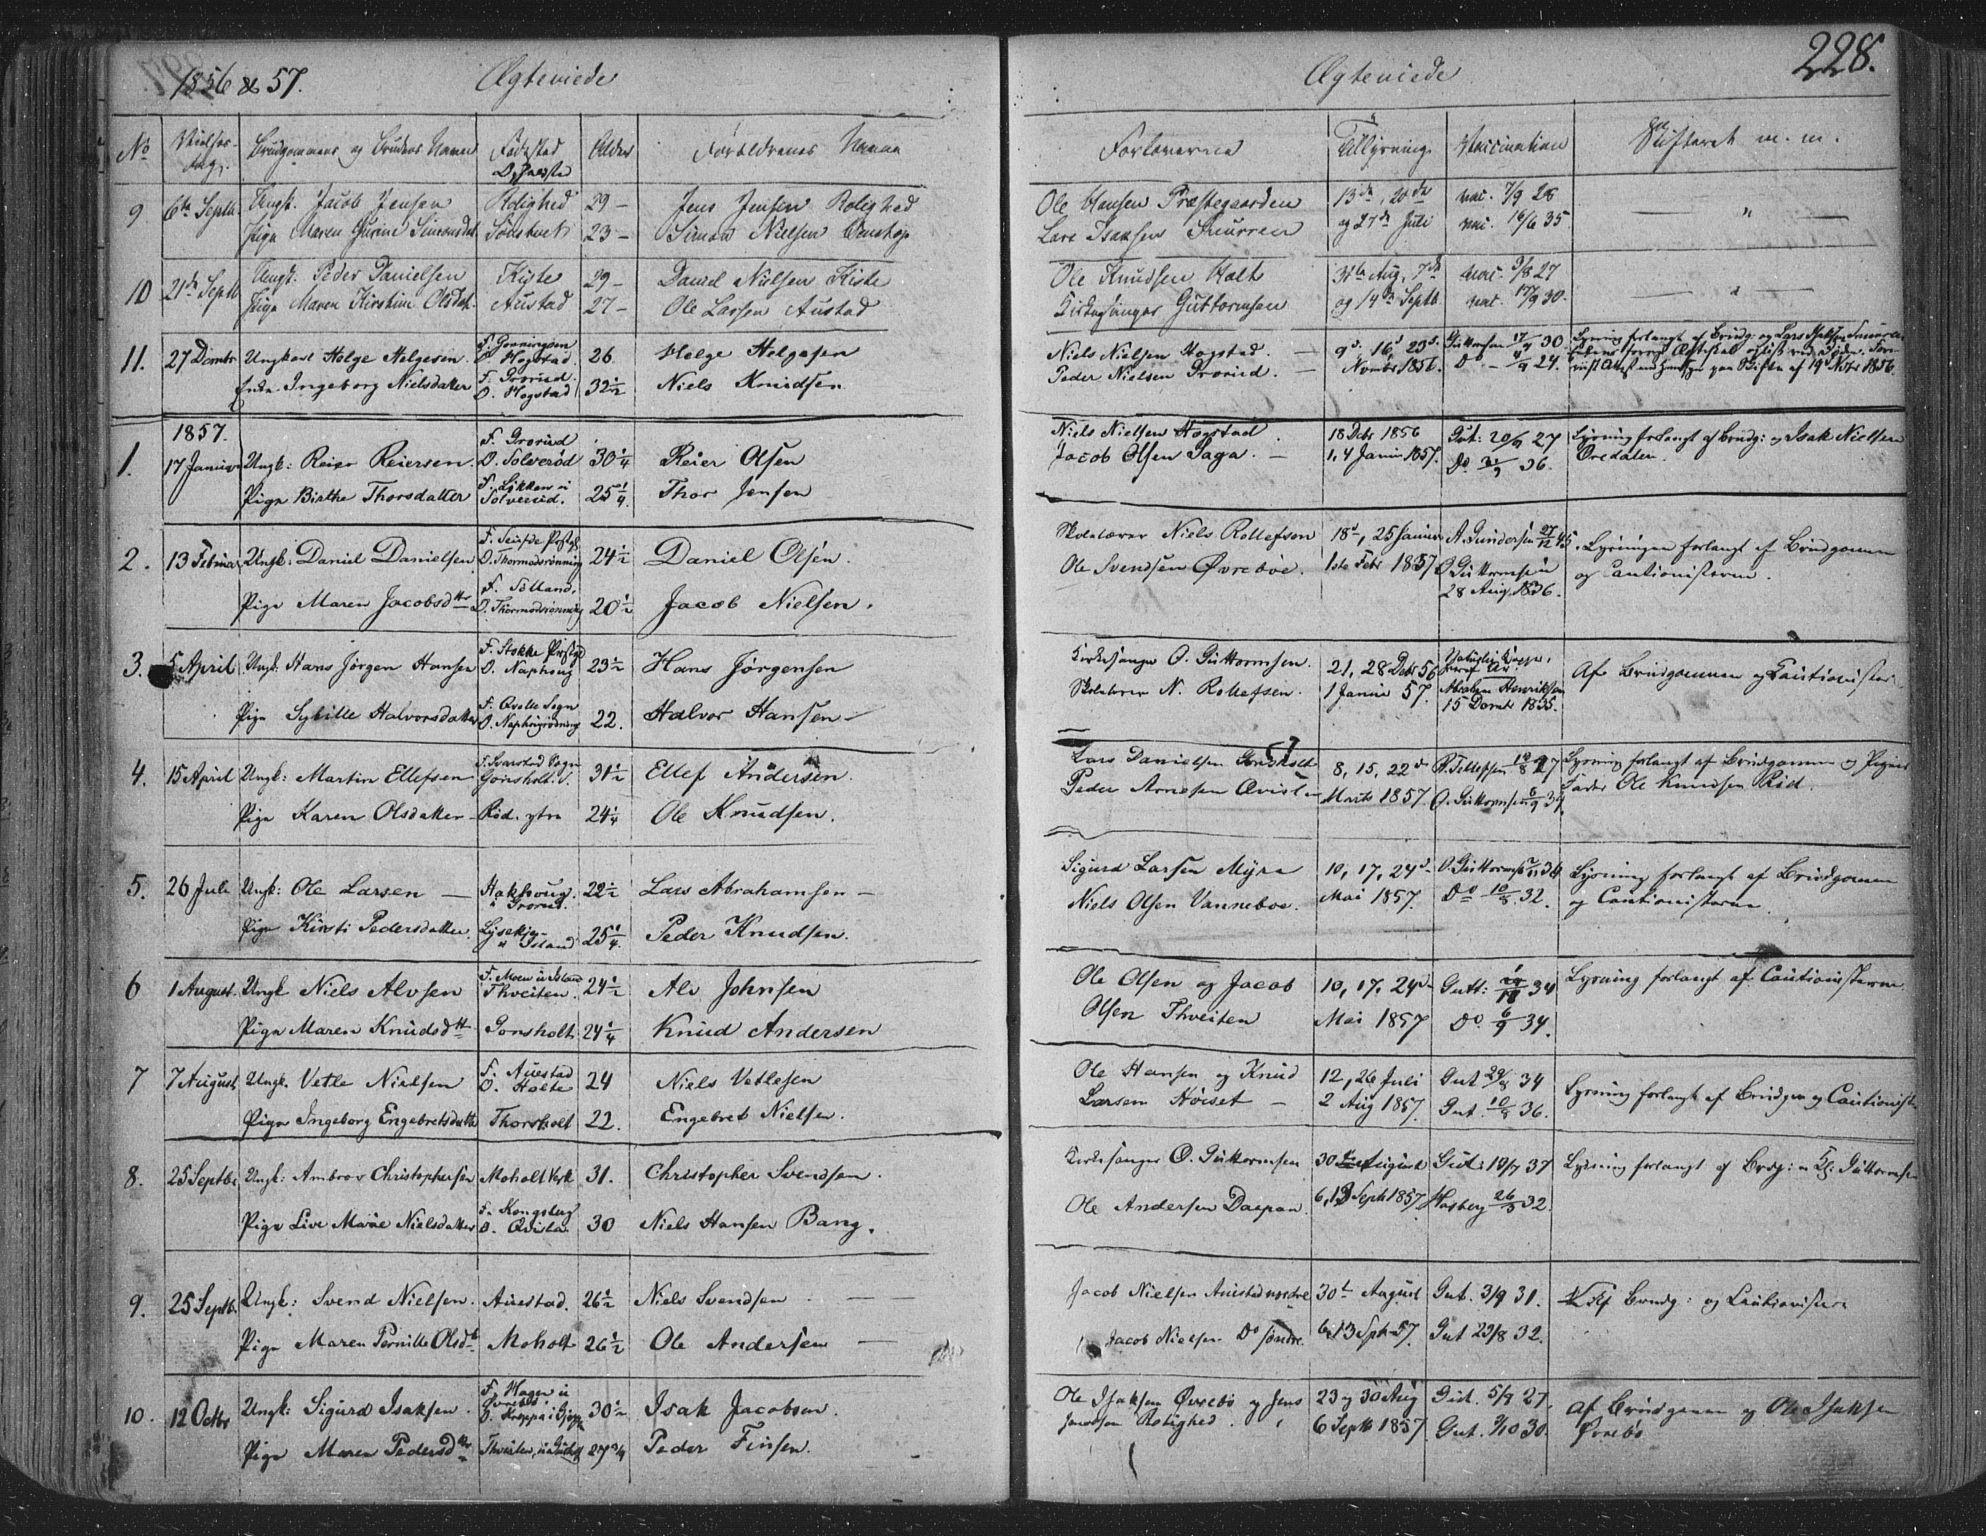 SAKO, Siljan kirkebøker, F/Fa/L0001: Ministerialbok nr. 1, 1831-1870, s. 228